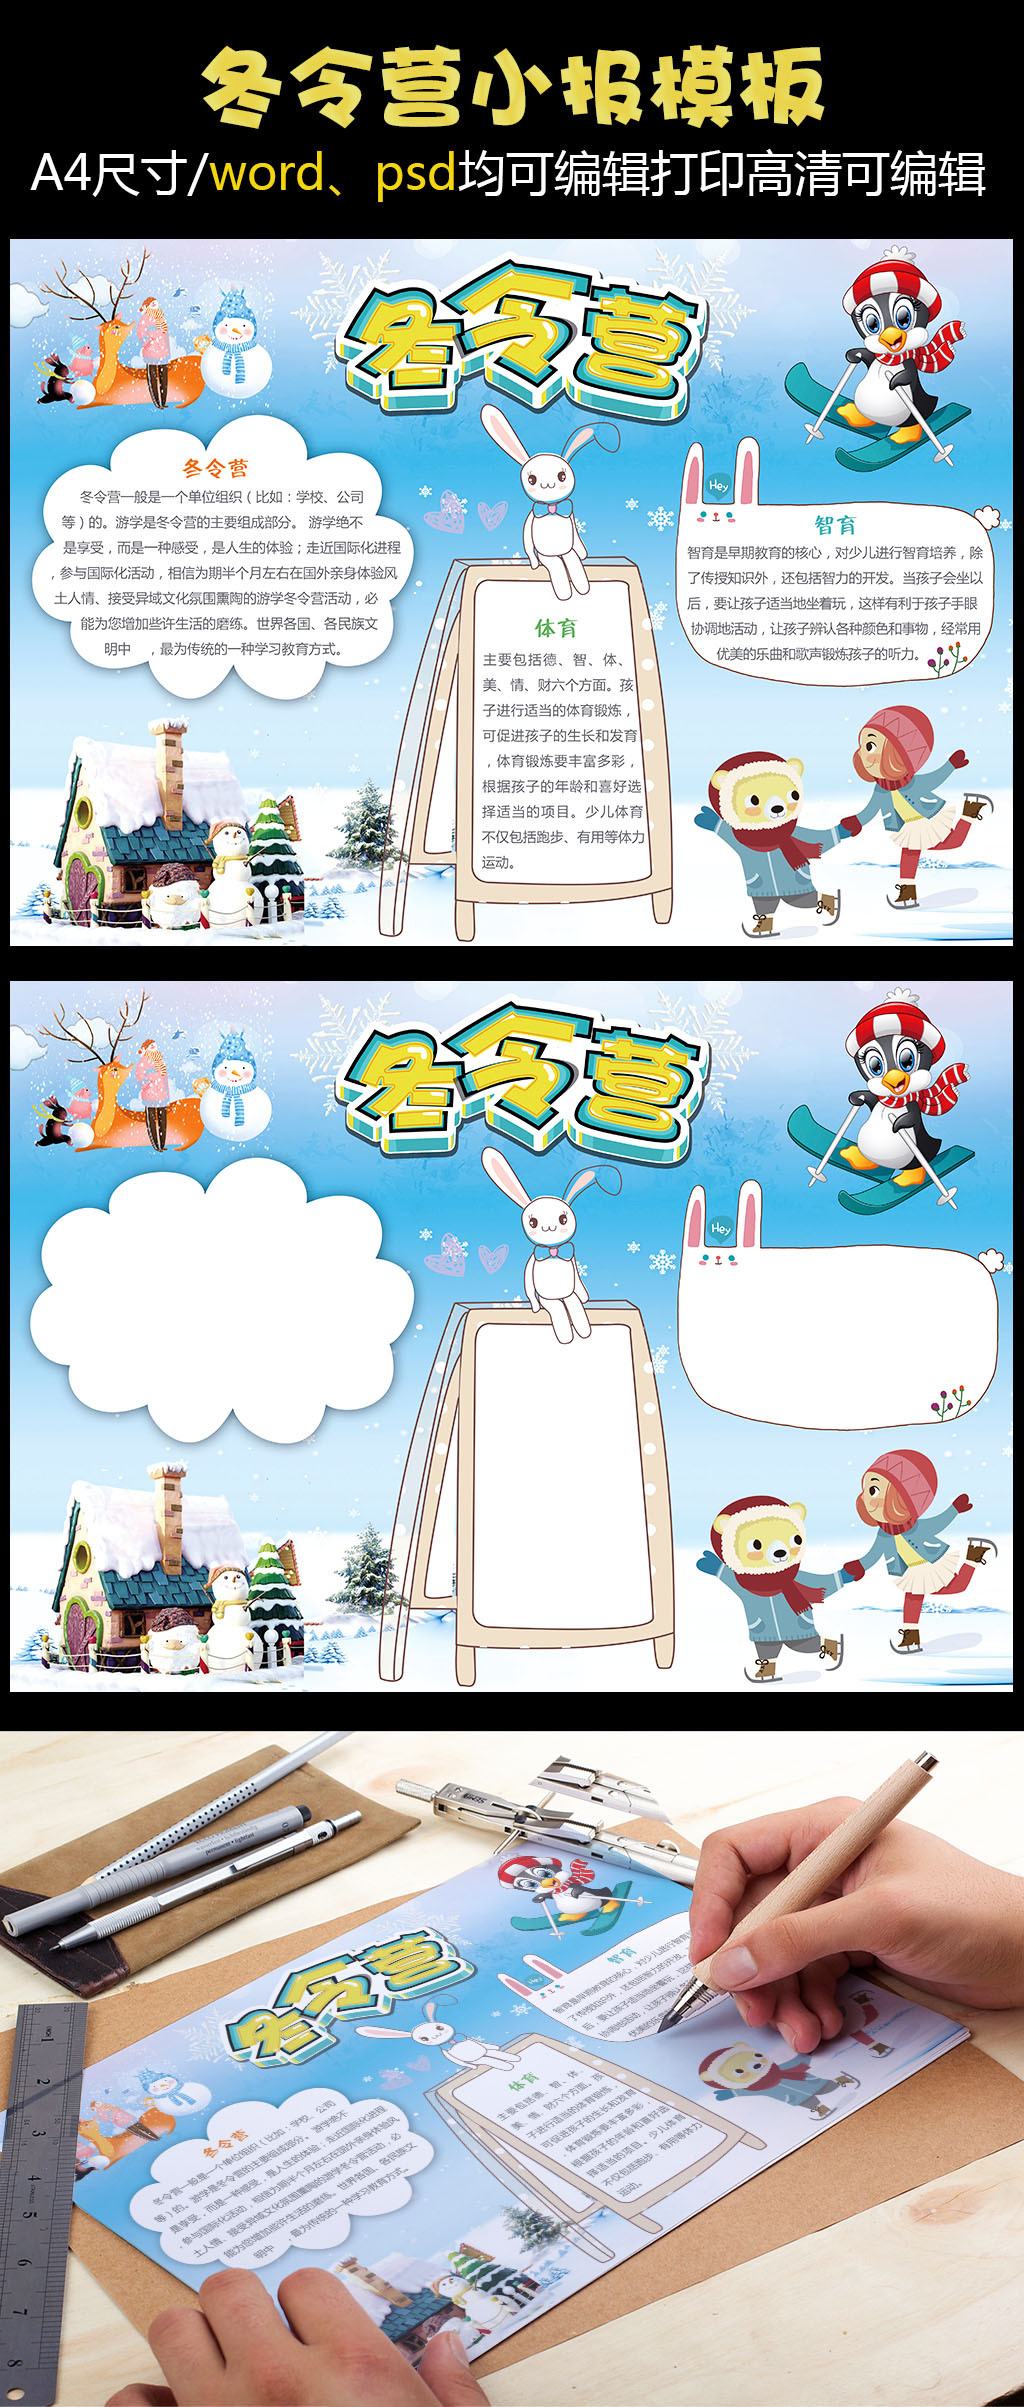 冬令营小报寒假生活手抄报图片设计素材 高清PSD模板下载 49.65MB 图片